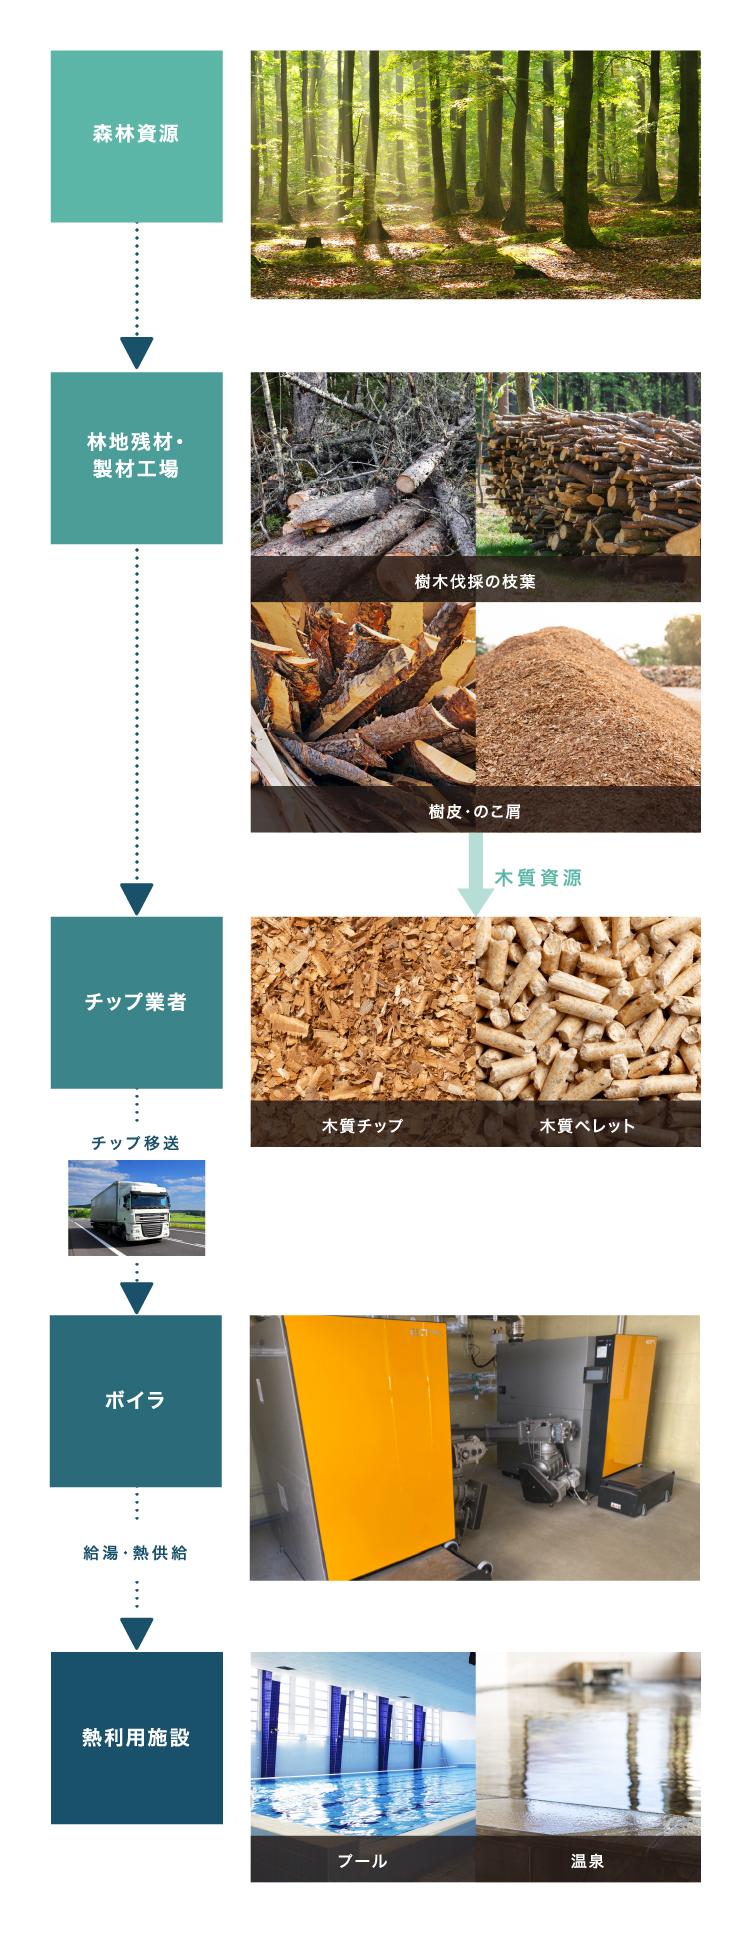 木質バイオマスにおける熱供給サービスイメージ図